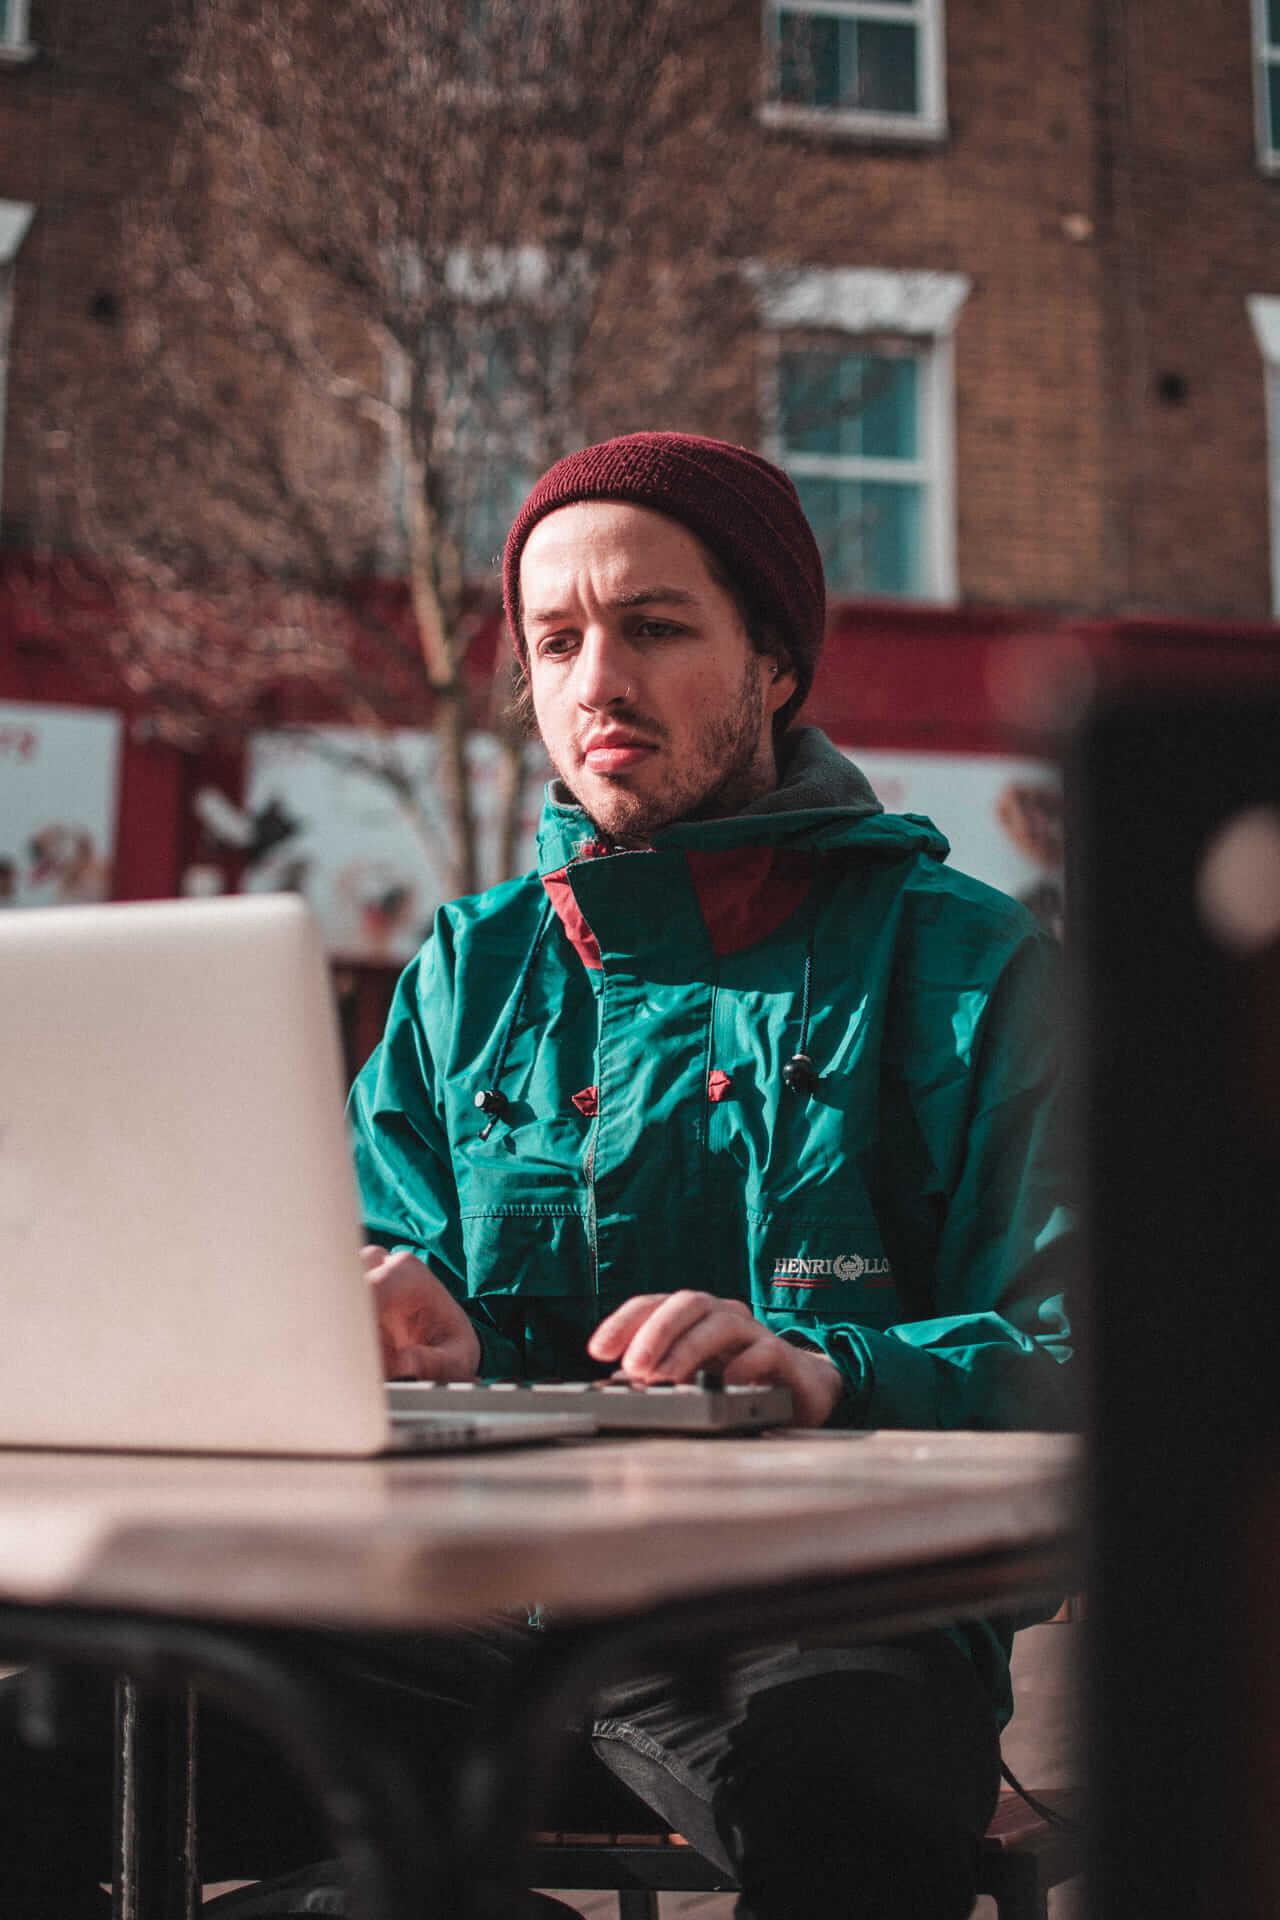 【インタビュー】ストリーミング時代を生きるミュージシャンの現在 ― from サウスロンドン edbl の場合